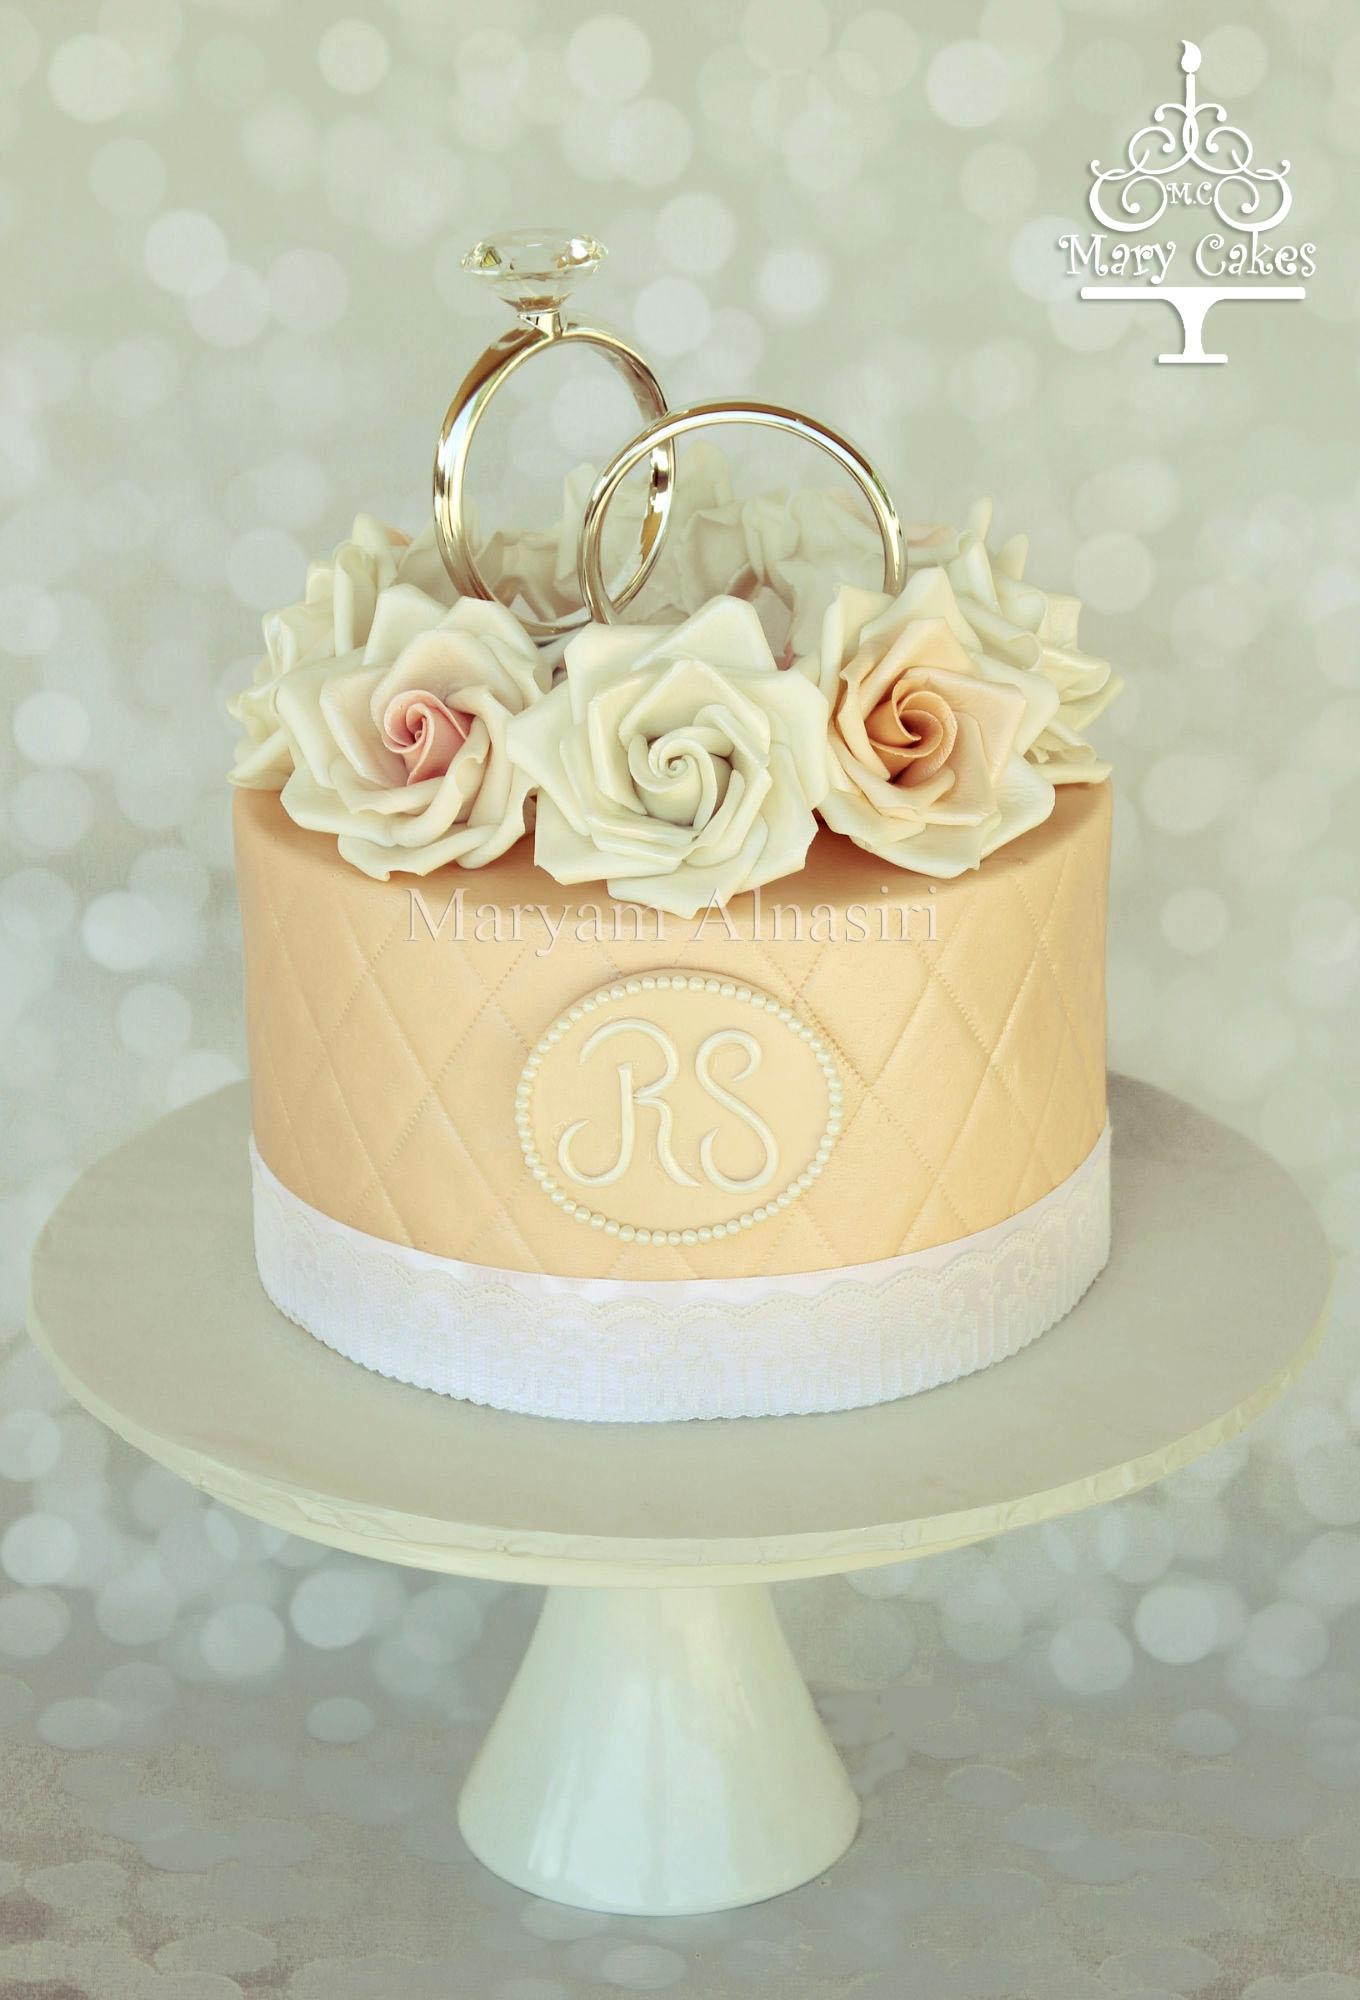 Cake topper Photos